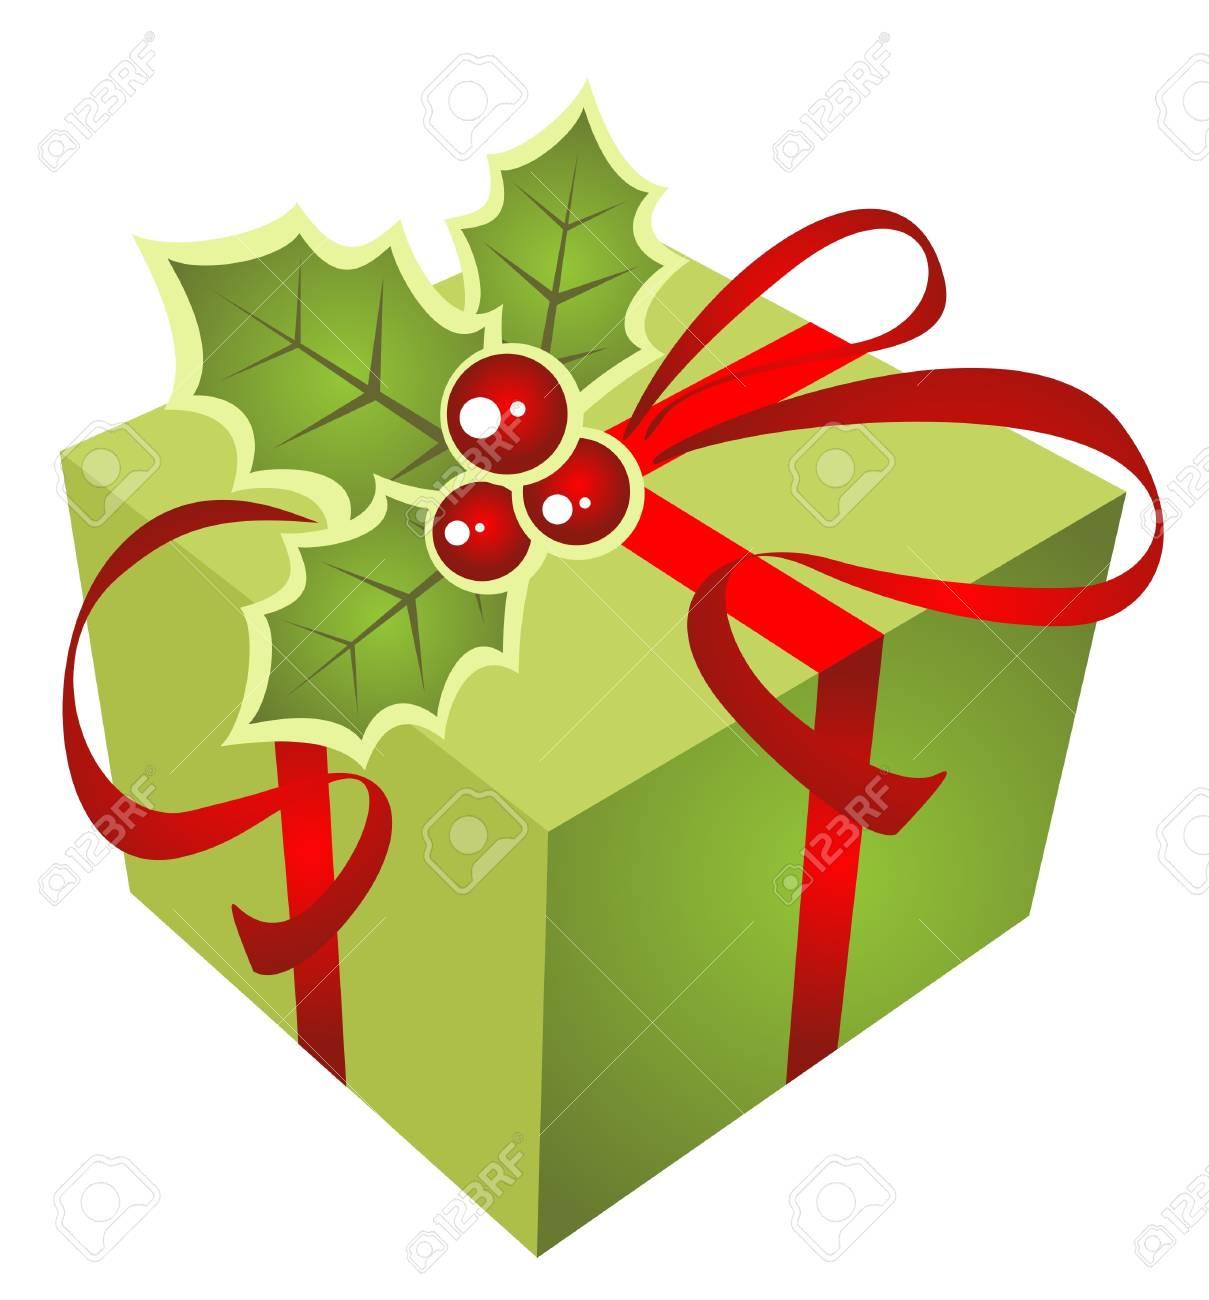 Boite De Cadeau De Noel Vert Isole Sur Un Fond Blanc Clip Art Libres De Droits Vecteurs Et Illustration Image 11670232